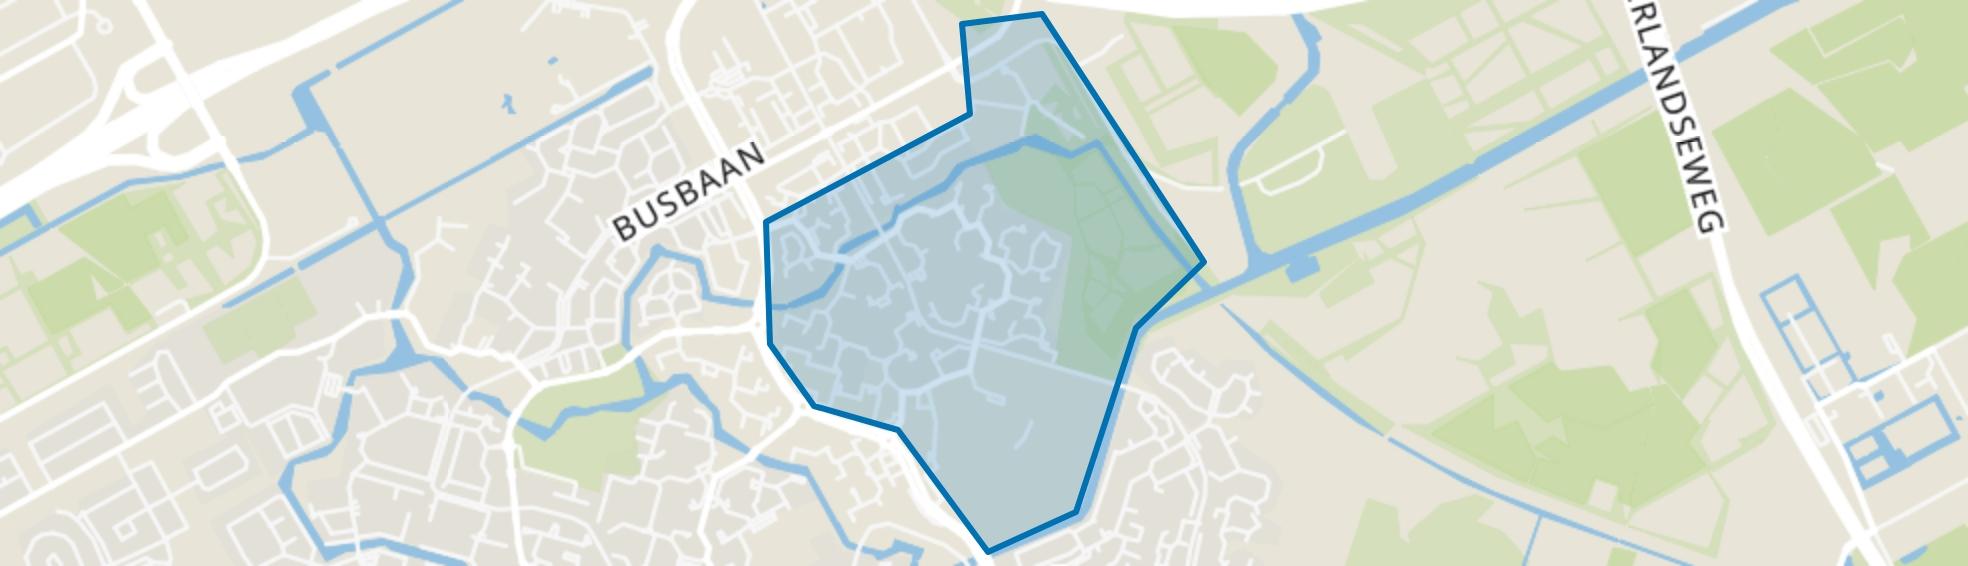 De Marken, Almere map